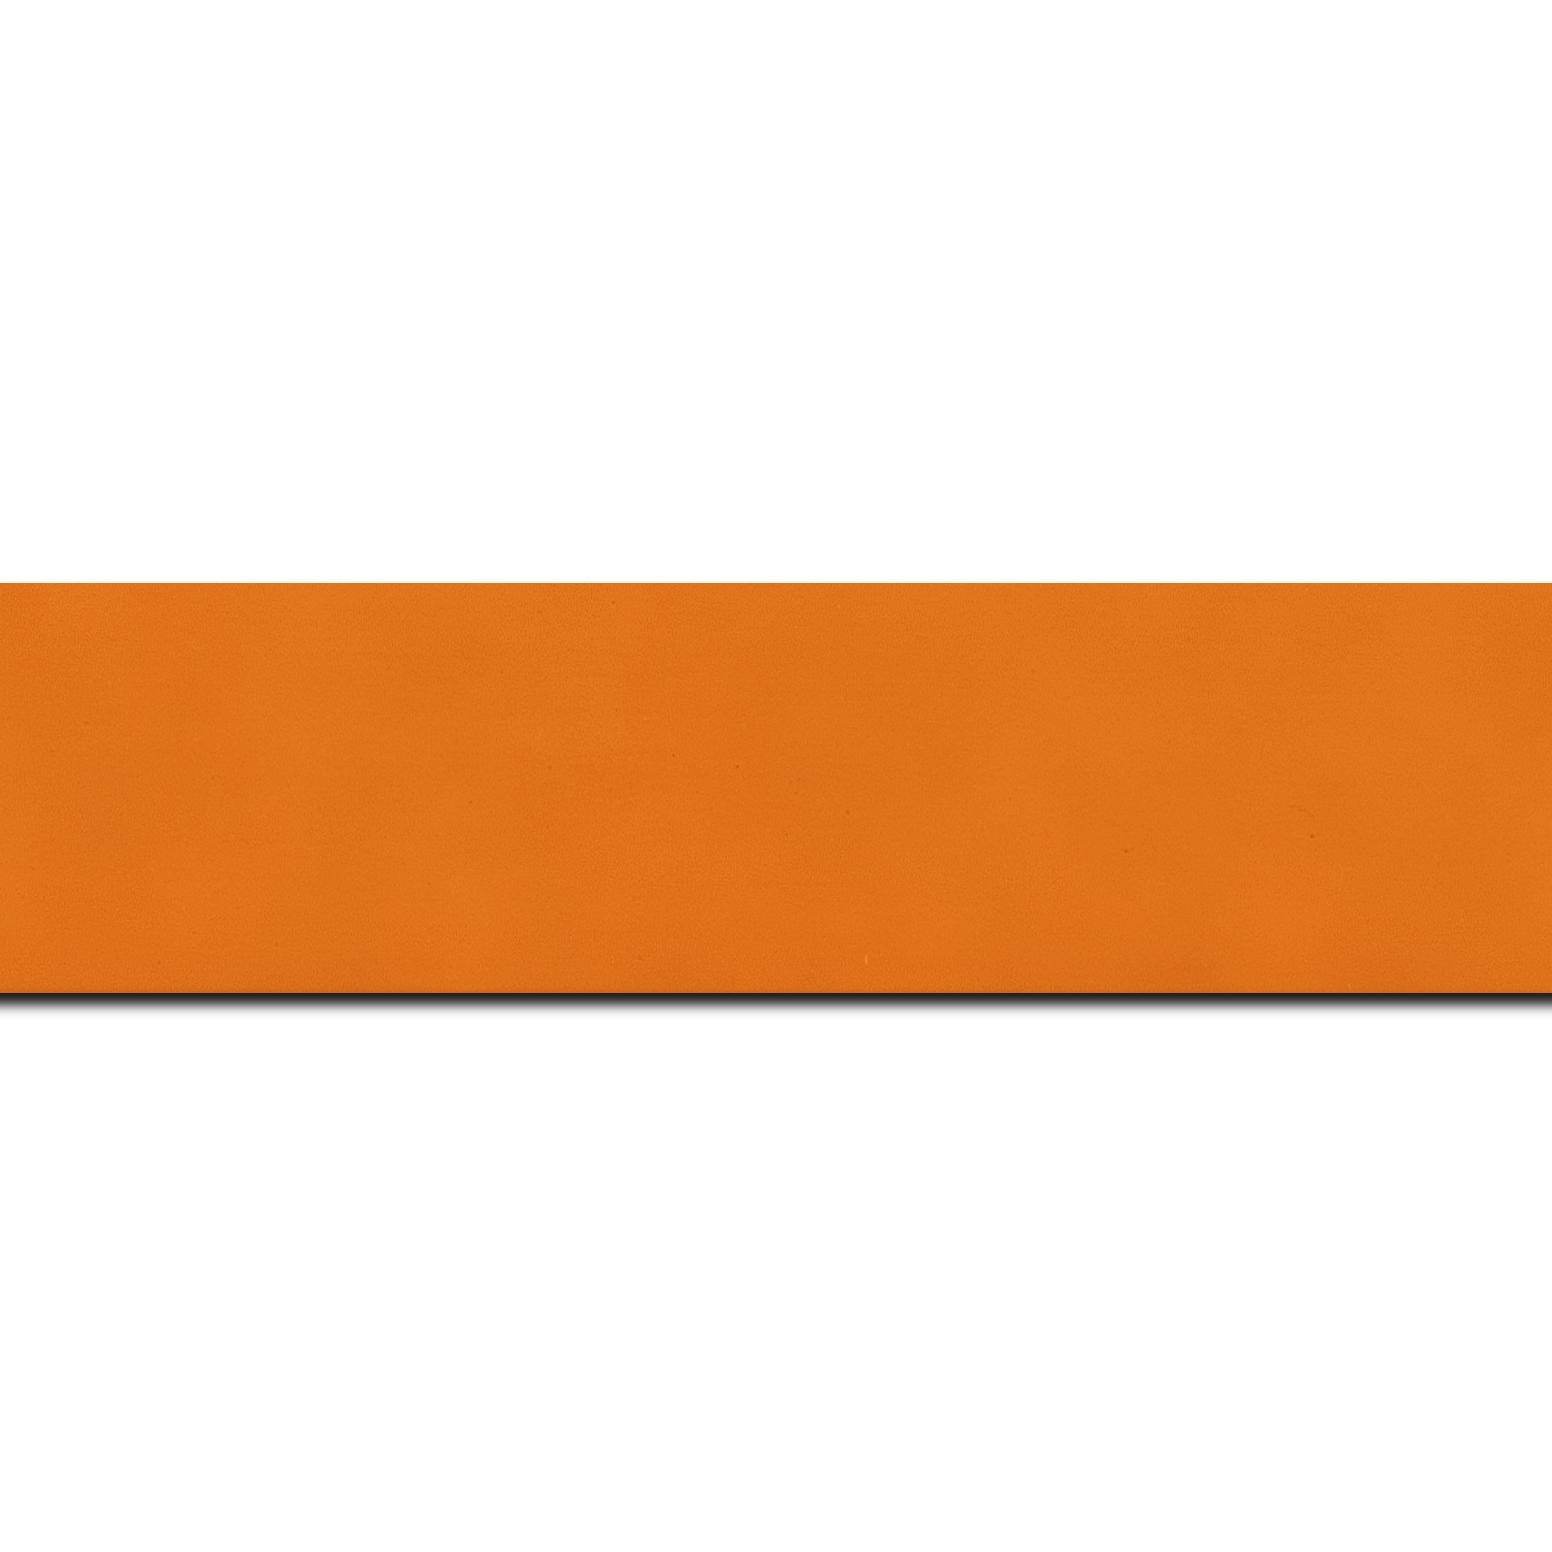 Pack par 12m, bois profil plat largeur 3.9cm couleur orange mat (longueur baguette pouvant varier entre 2.40m et 3m selon arrivage des bois)